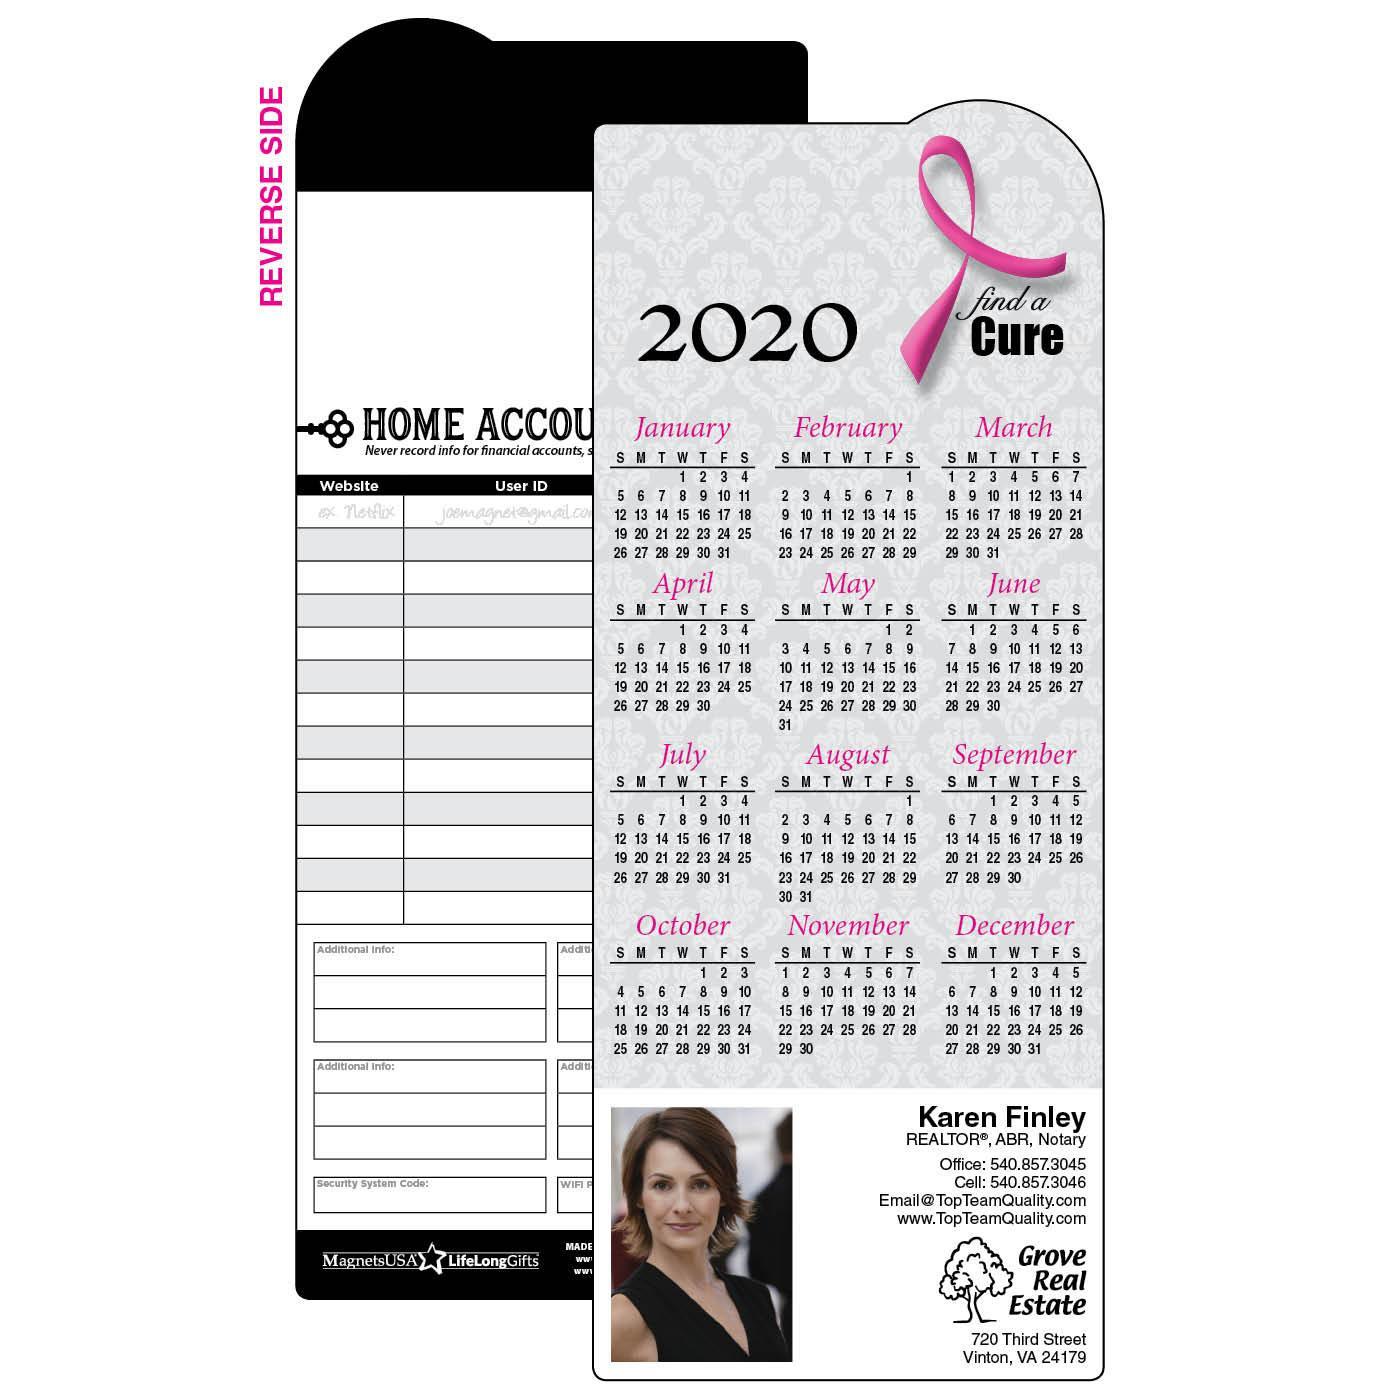 Breast Cancer Calendar Magnet